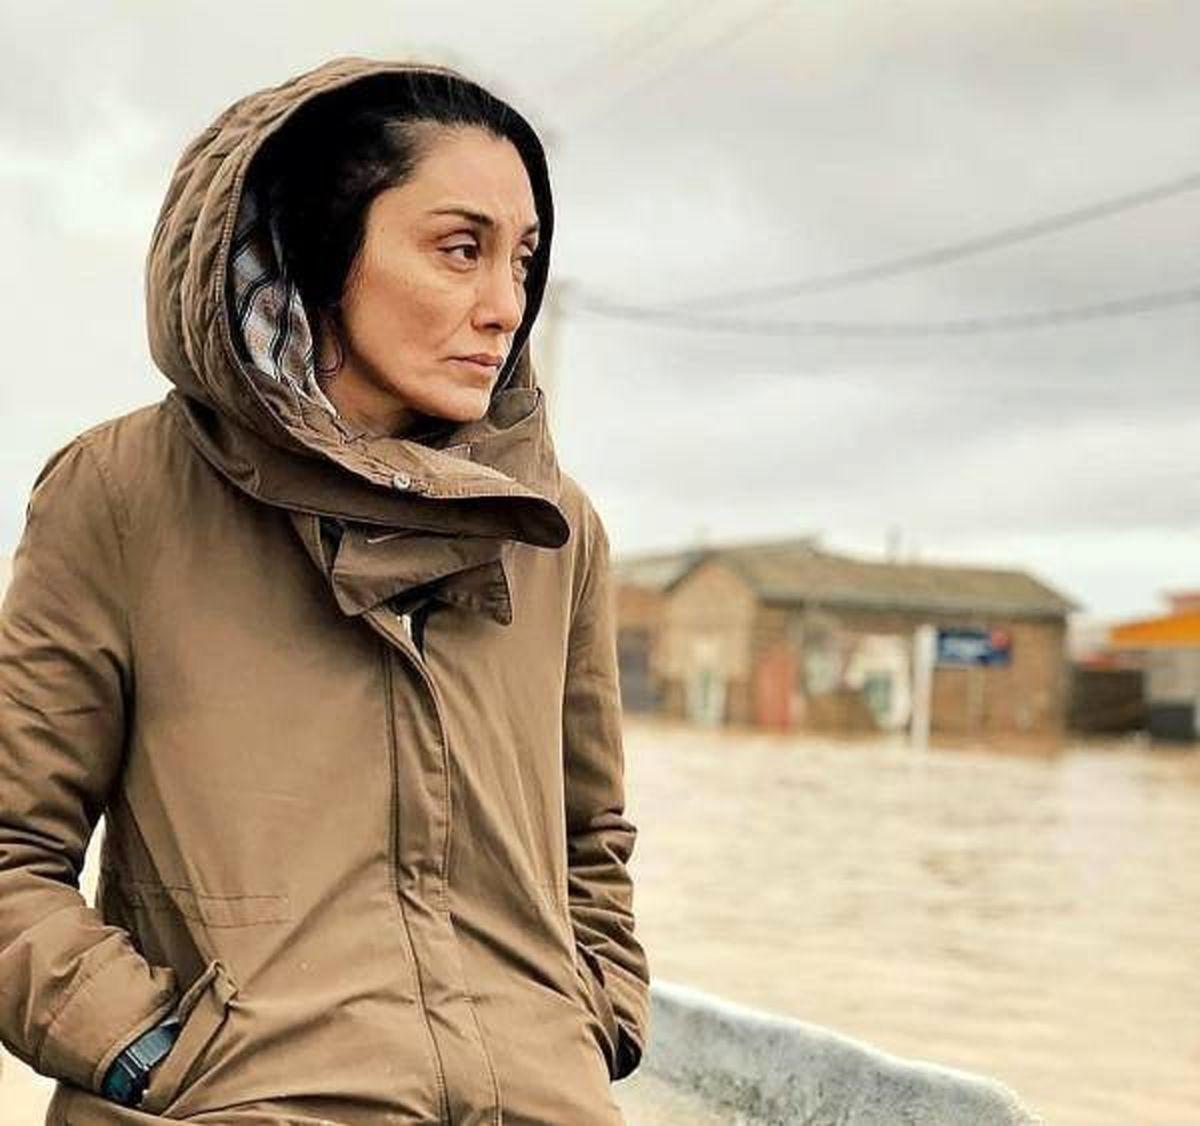 واکنش هدیه تهرانی به ازدواج همسر سابق اش غوغا به پا کرد